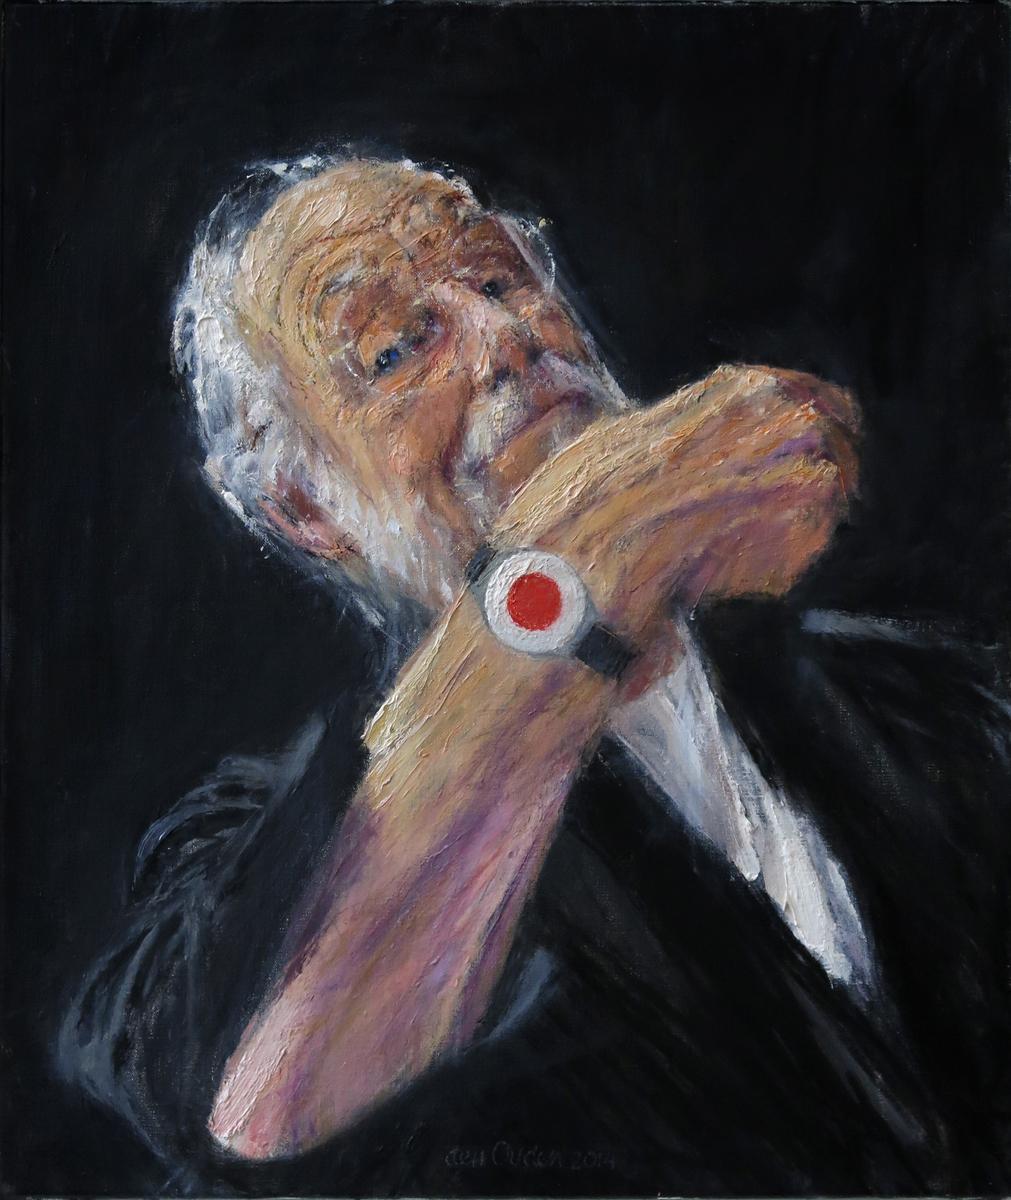 Zelfportret met alarmeringsknop (2014)